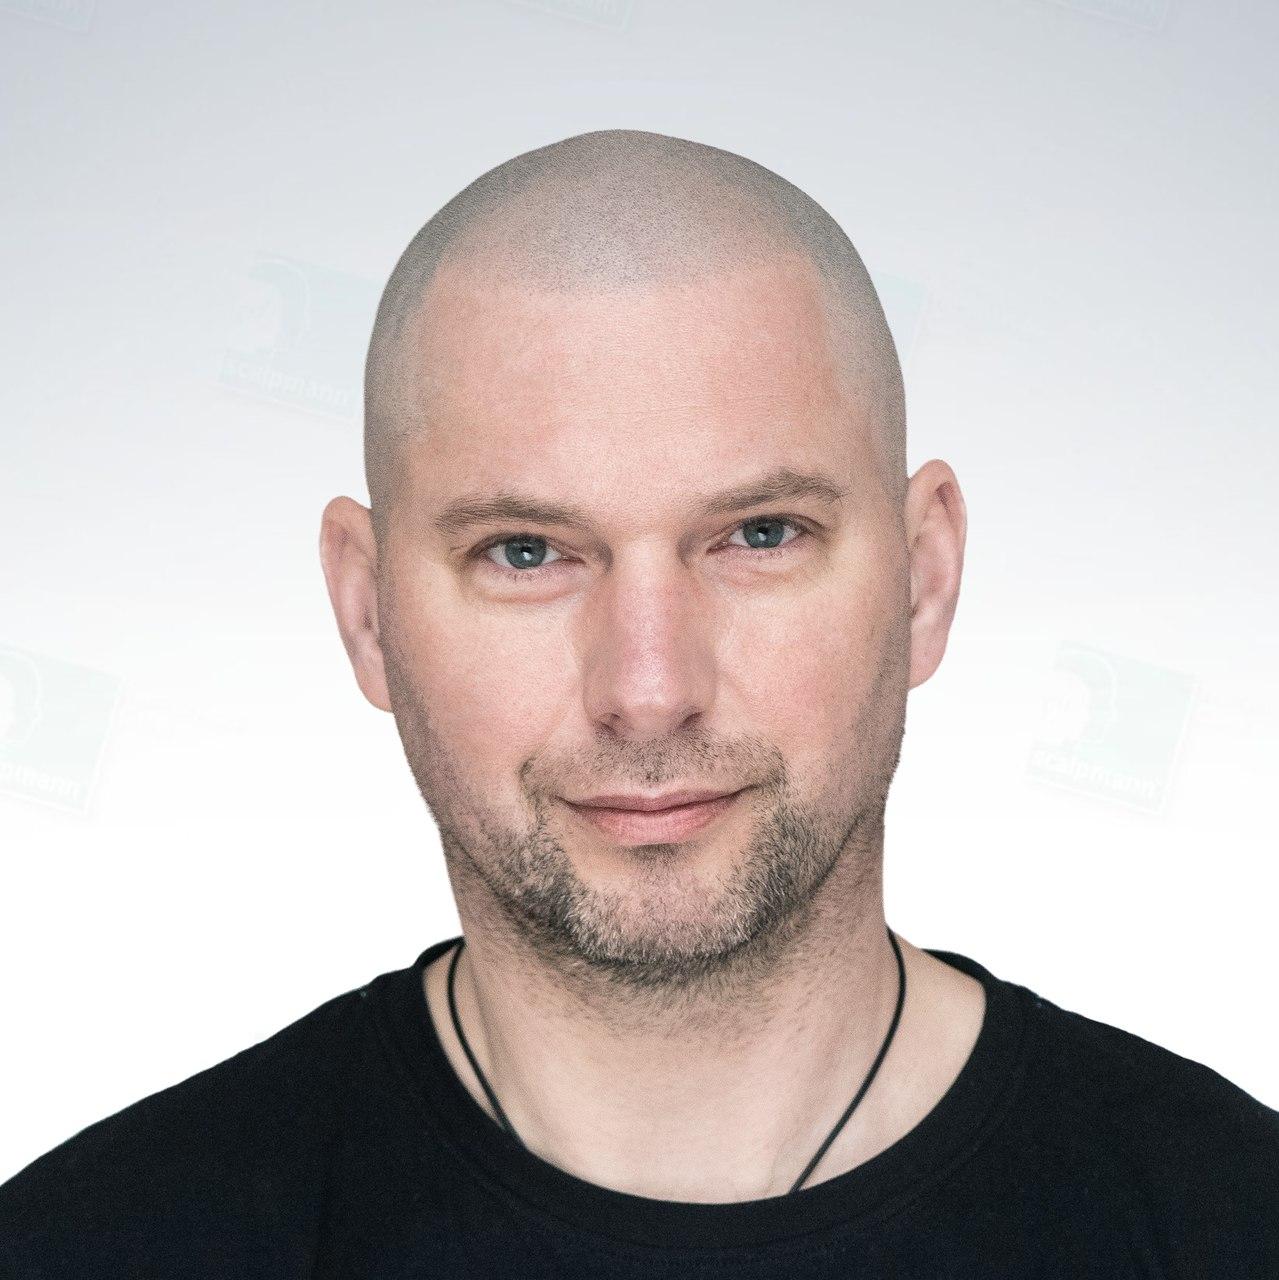 Grzegorz po zabiegu mikropigmentacji skóry głowy